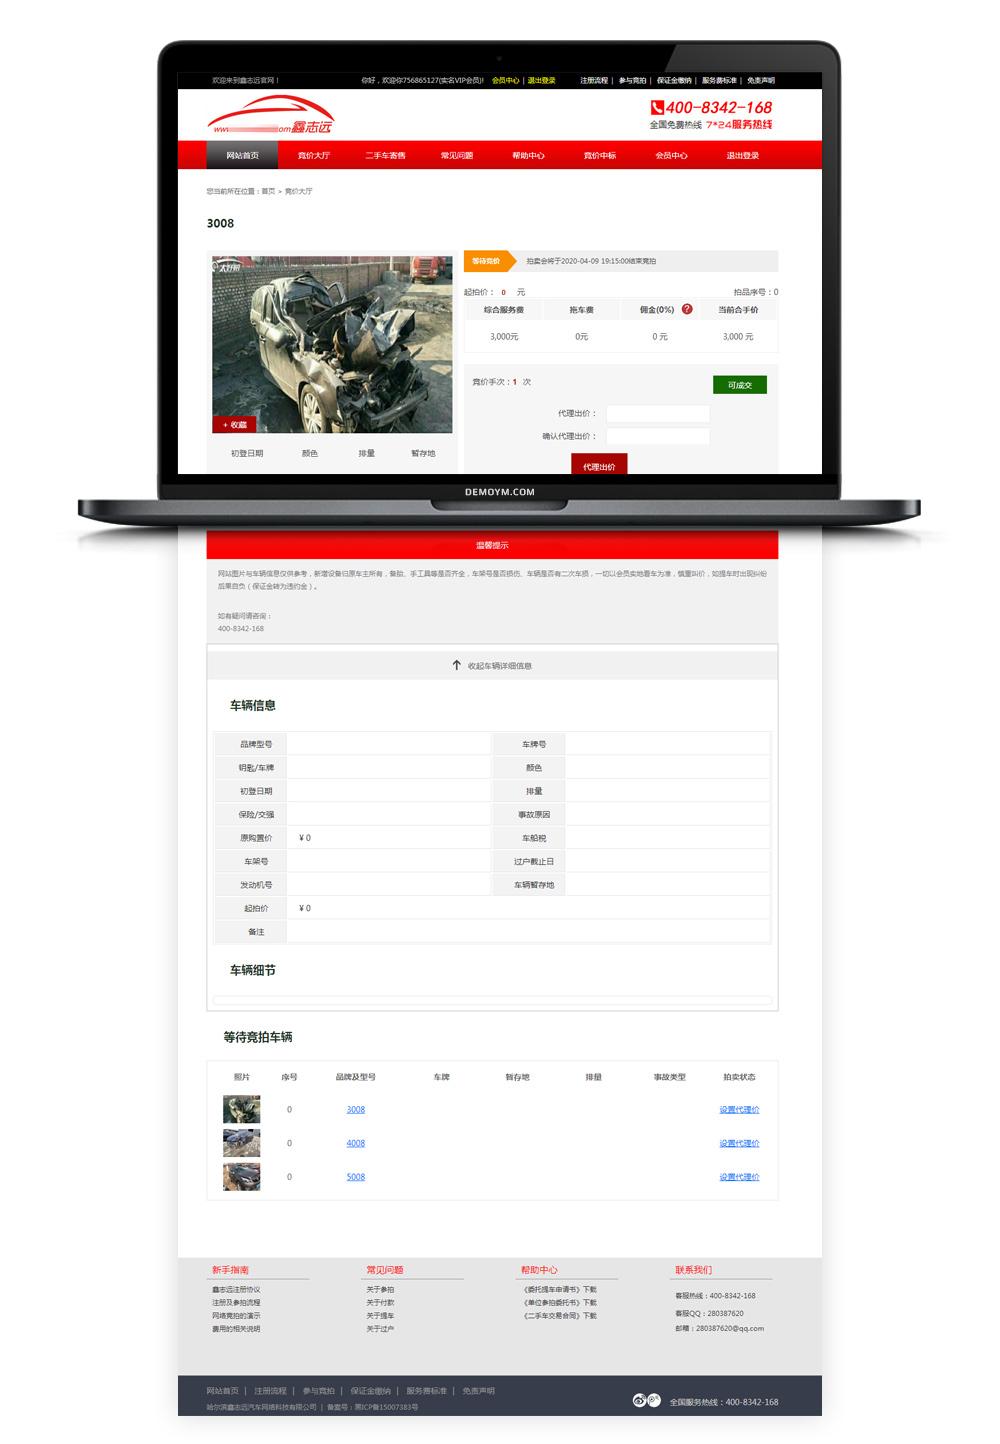 【车辆竞拍系统】PHP二手汽车在线上竞拍拍卖网站源码-找主题源码